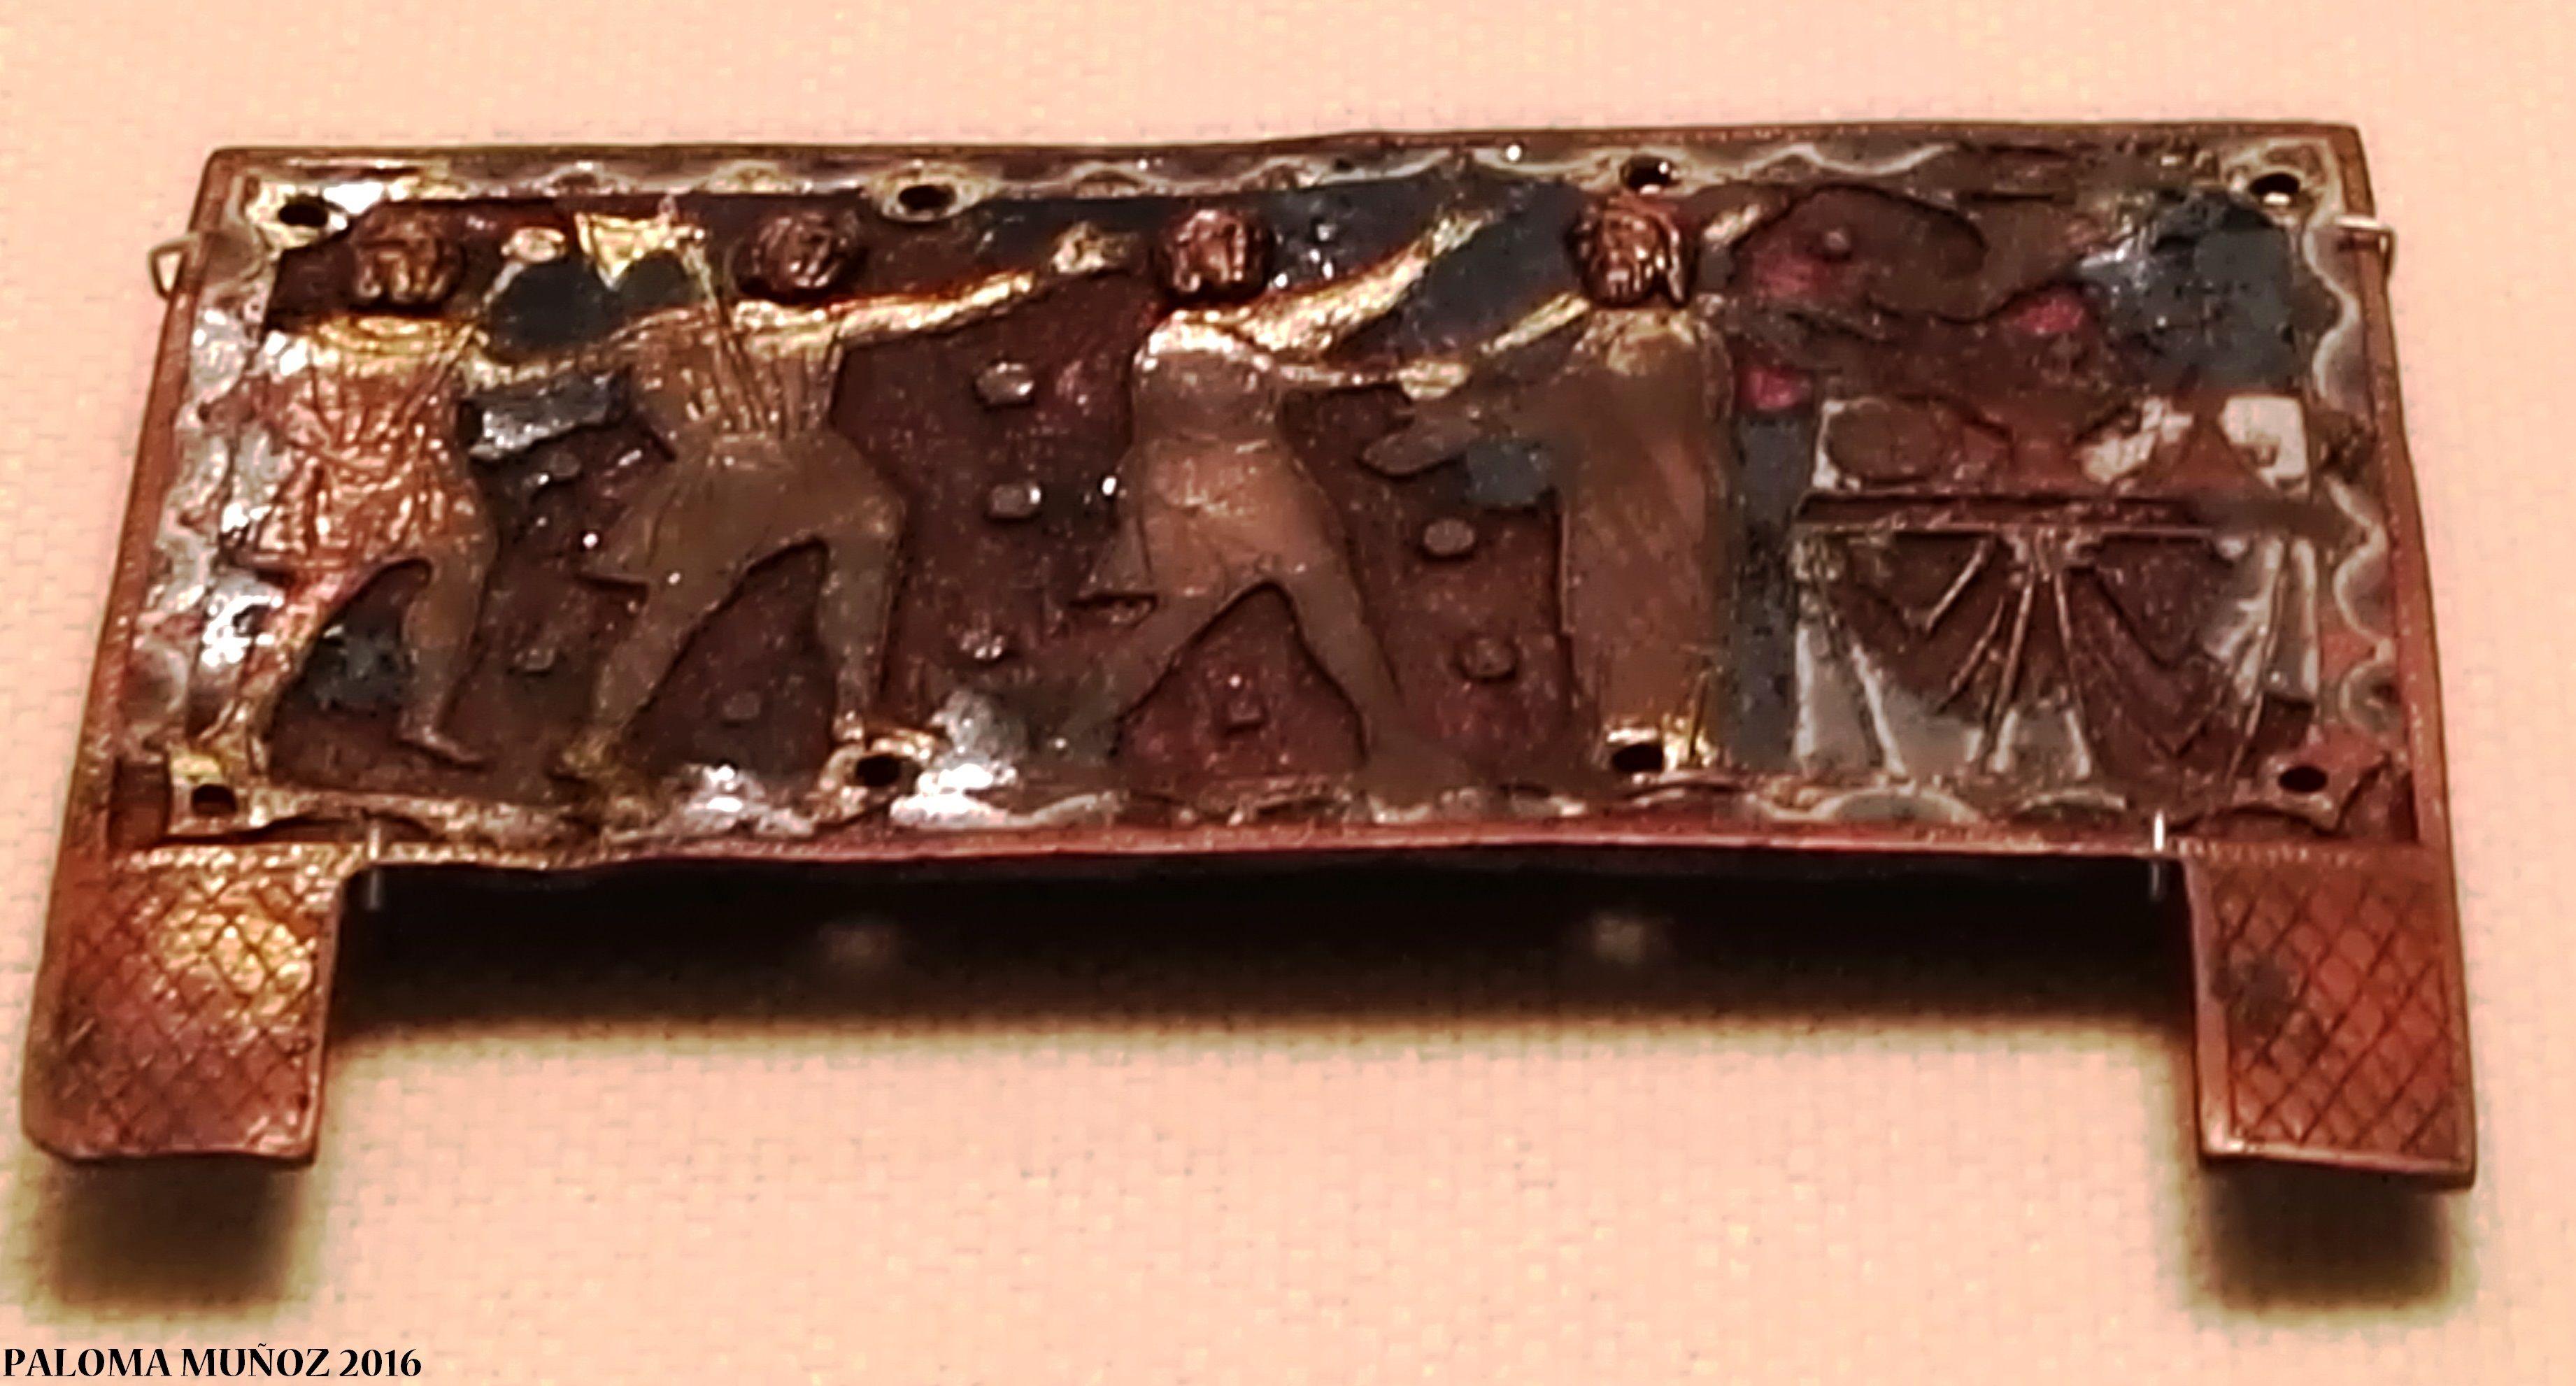 Relicario tallado con el asesinato de santo Tomás Beckett. 1200-1300. Aleación de cobre dorado. Inglaterra. Reliquary 1200-1300 England Gold copper alloy, enamel Shows the murder of St Thomas Beckett